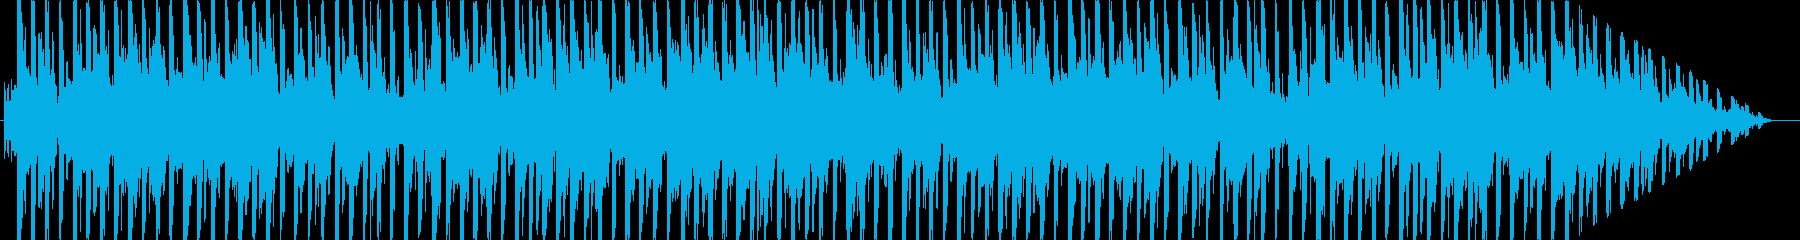 ポップ。 80年代のキャッチー。の再生済みの波形